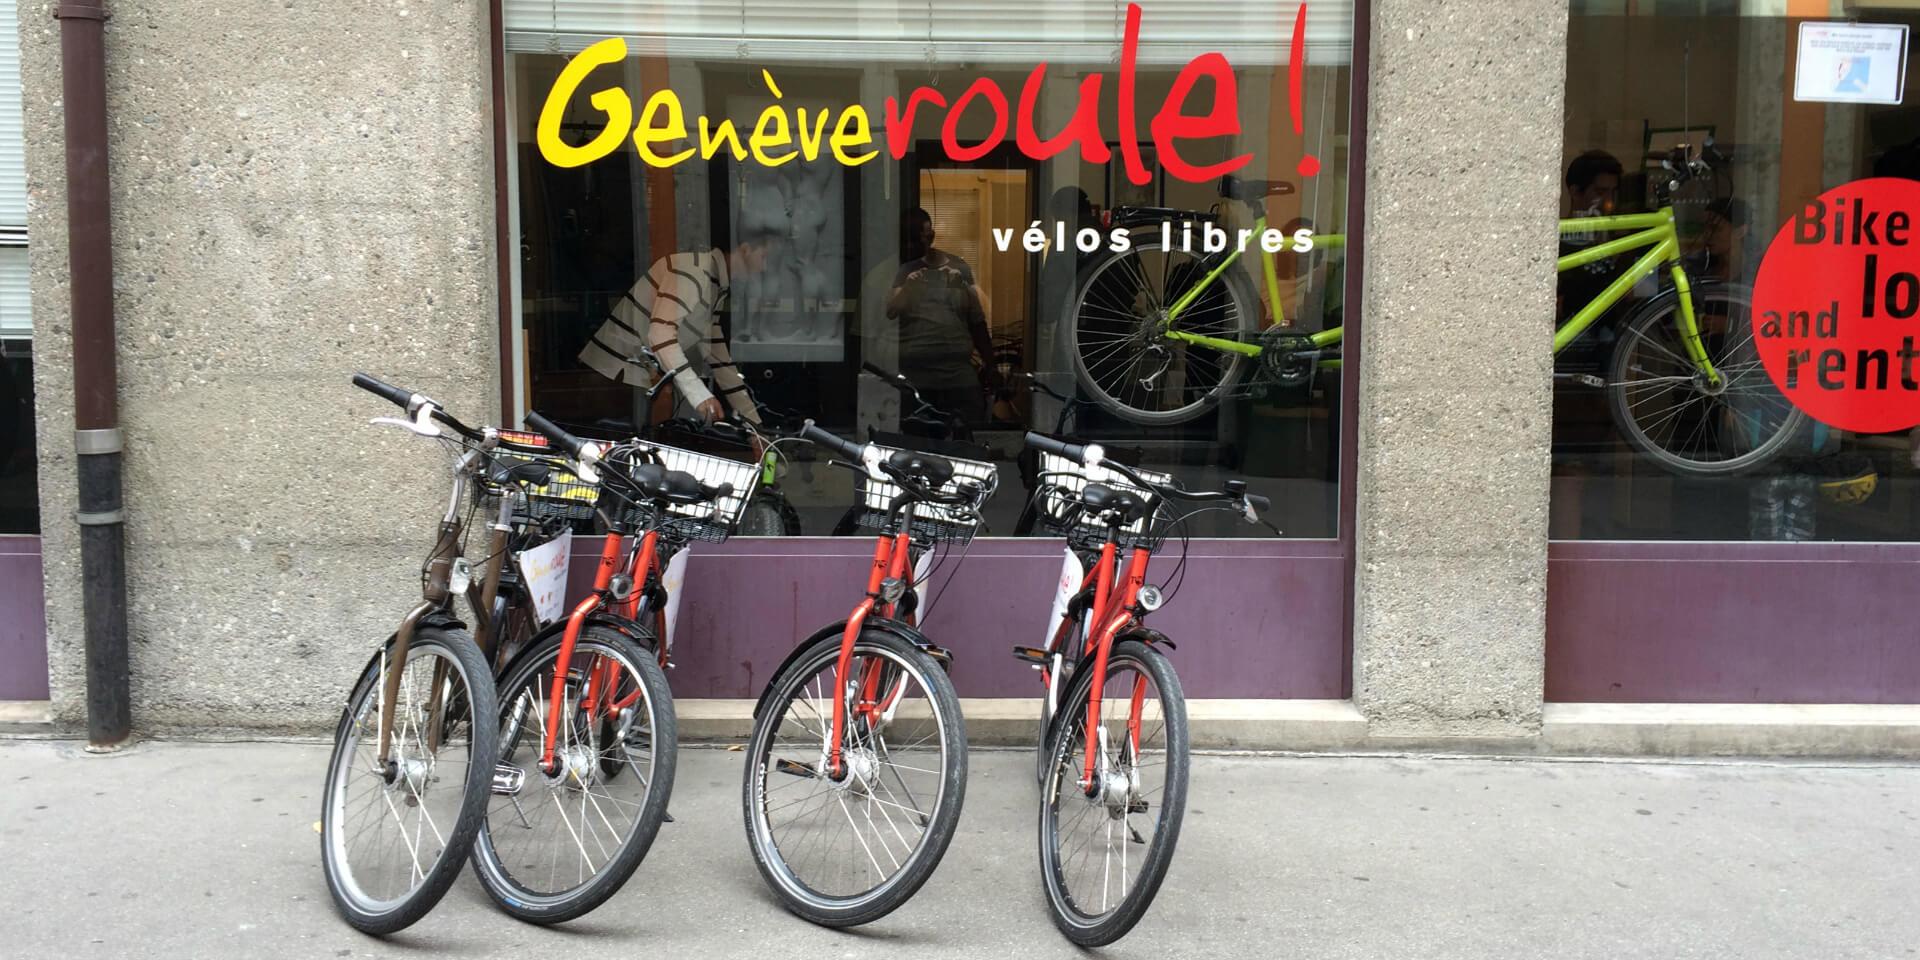 L'association Genève Roule permet de visiter Genève à vélo.